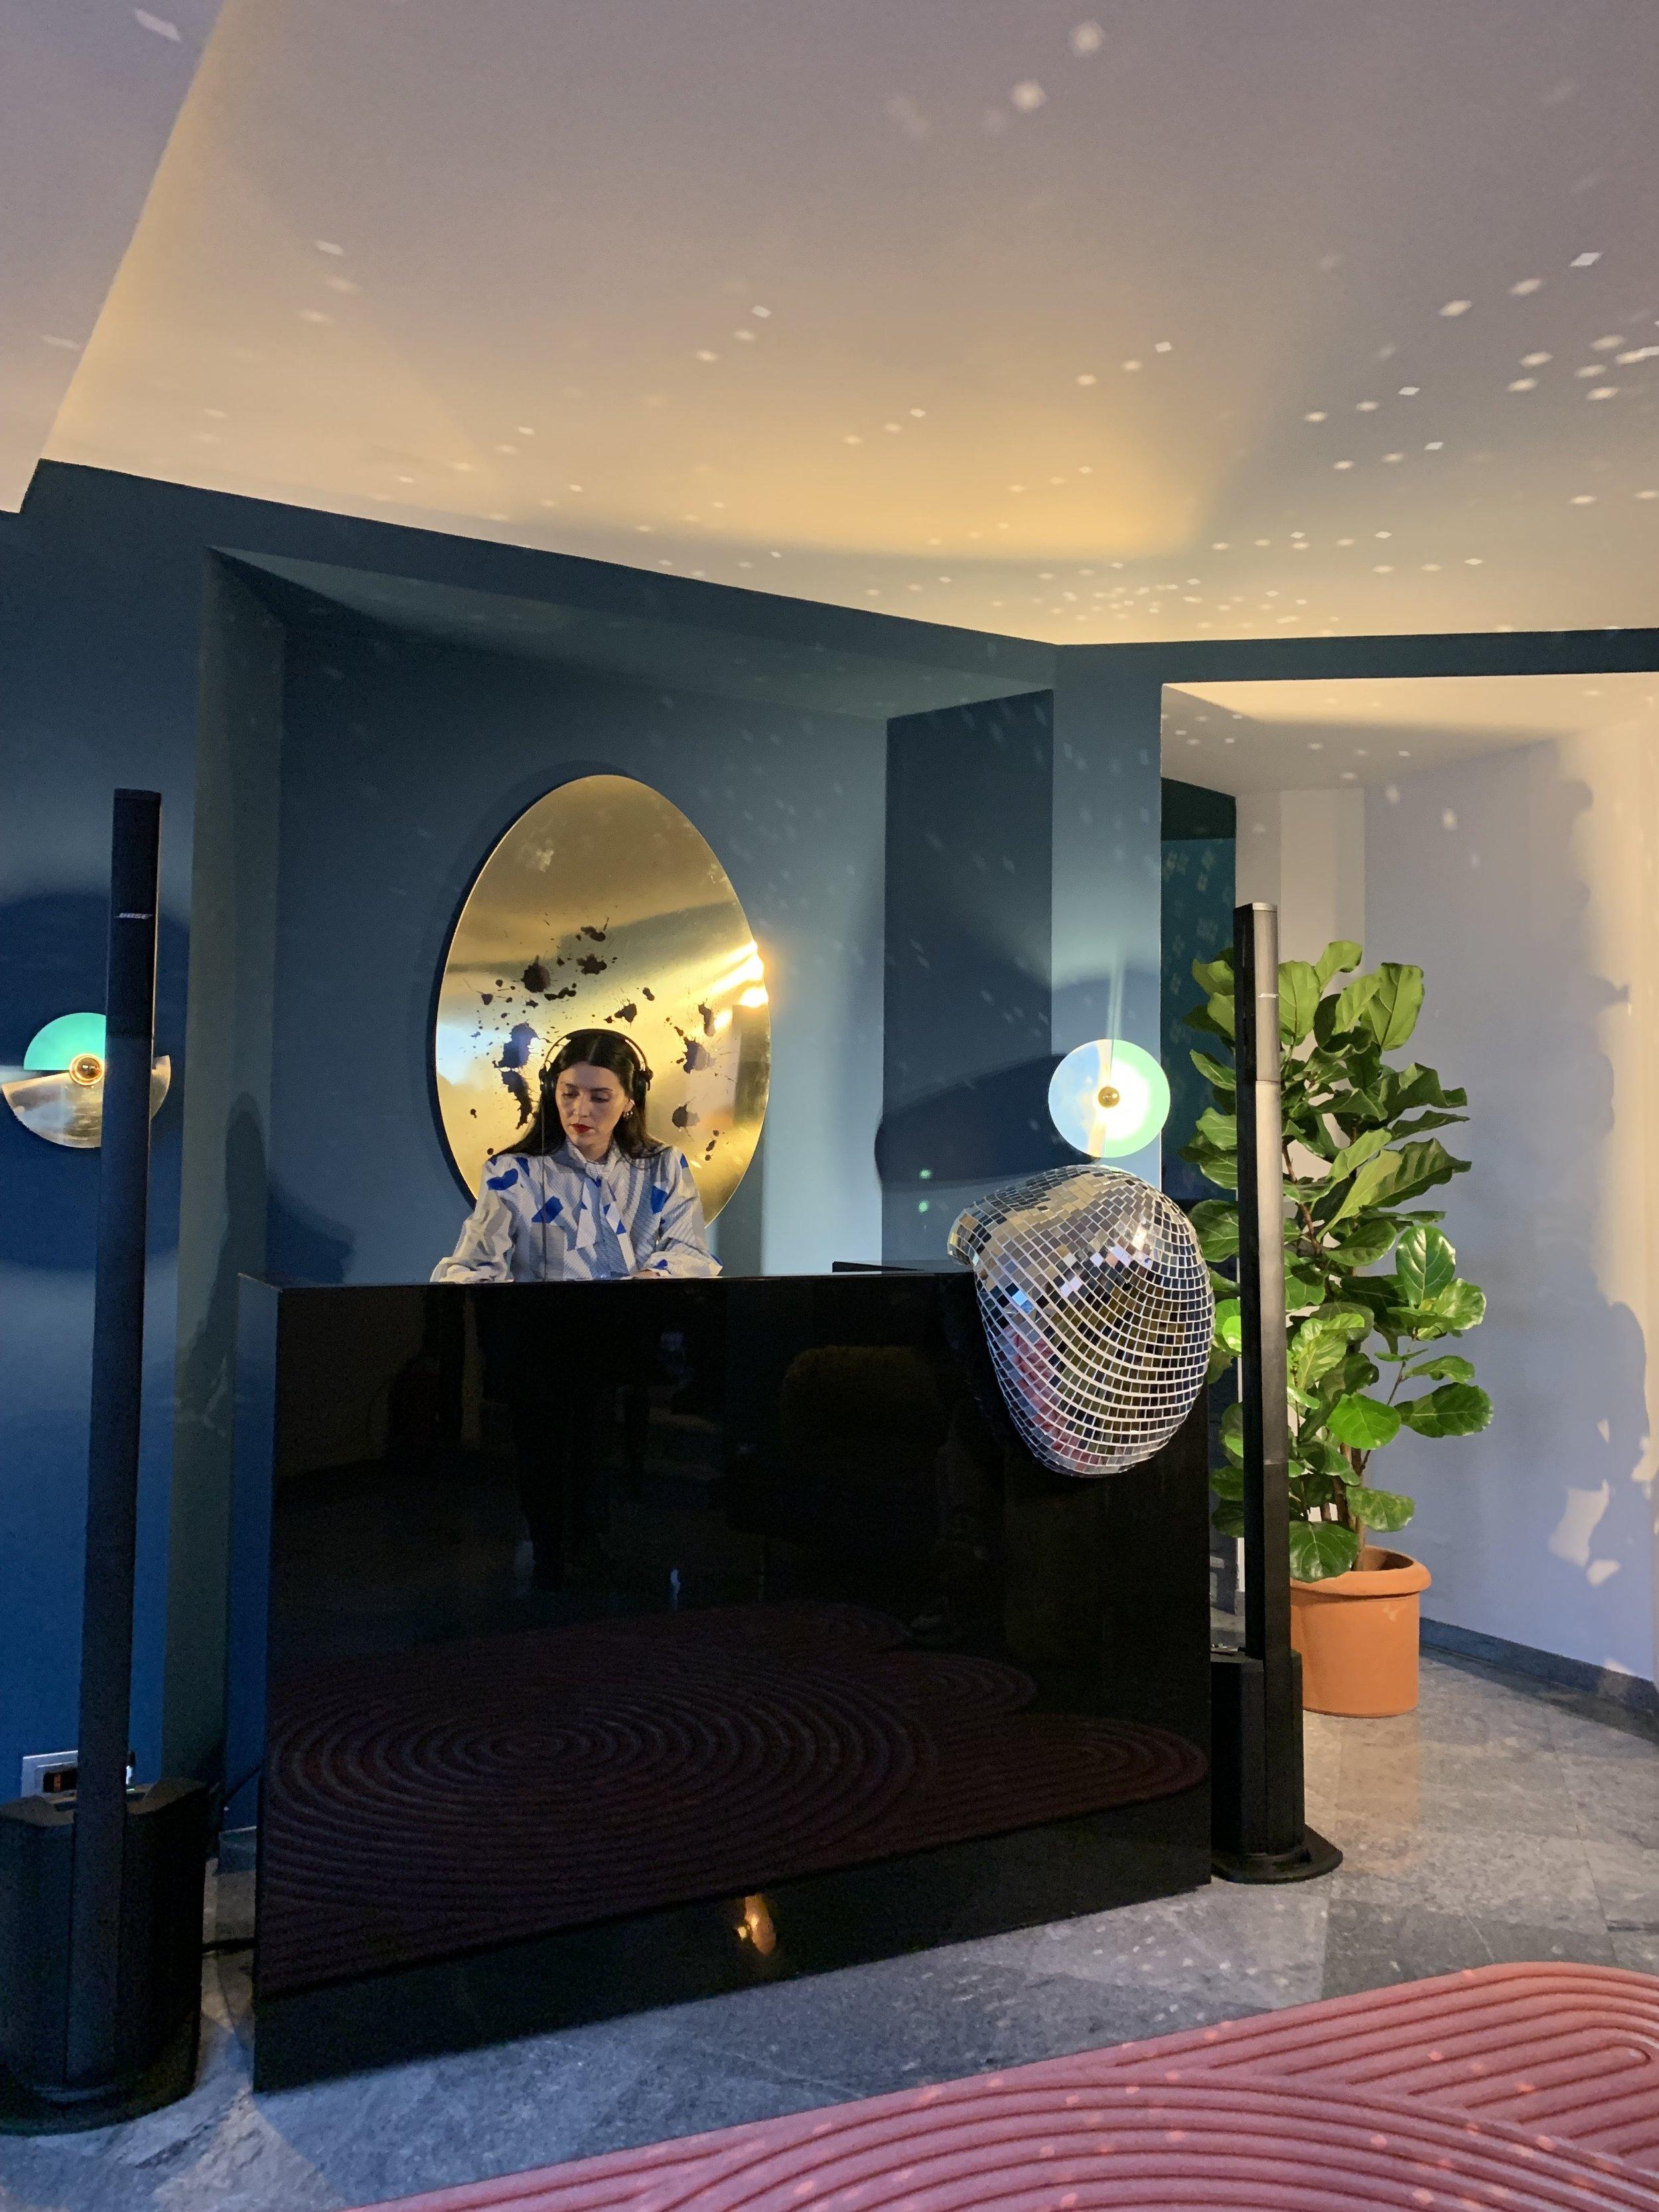 043 Salone del Mobile 2019 Lex de gooijer interiors rotterdam.JPG